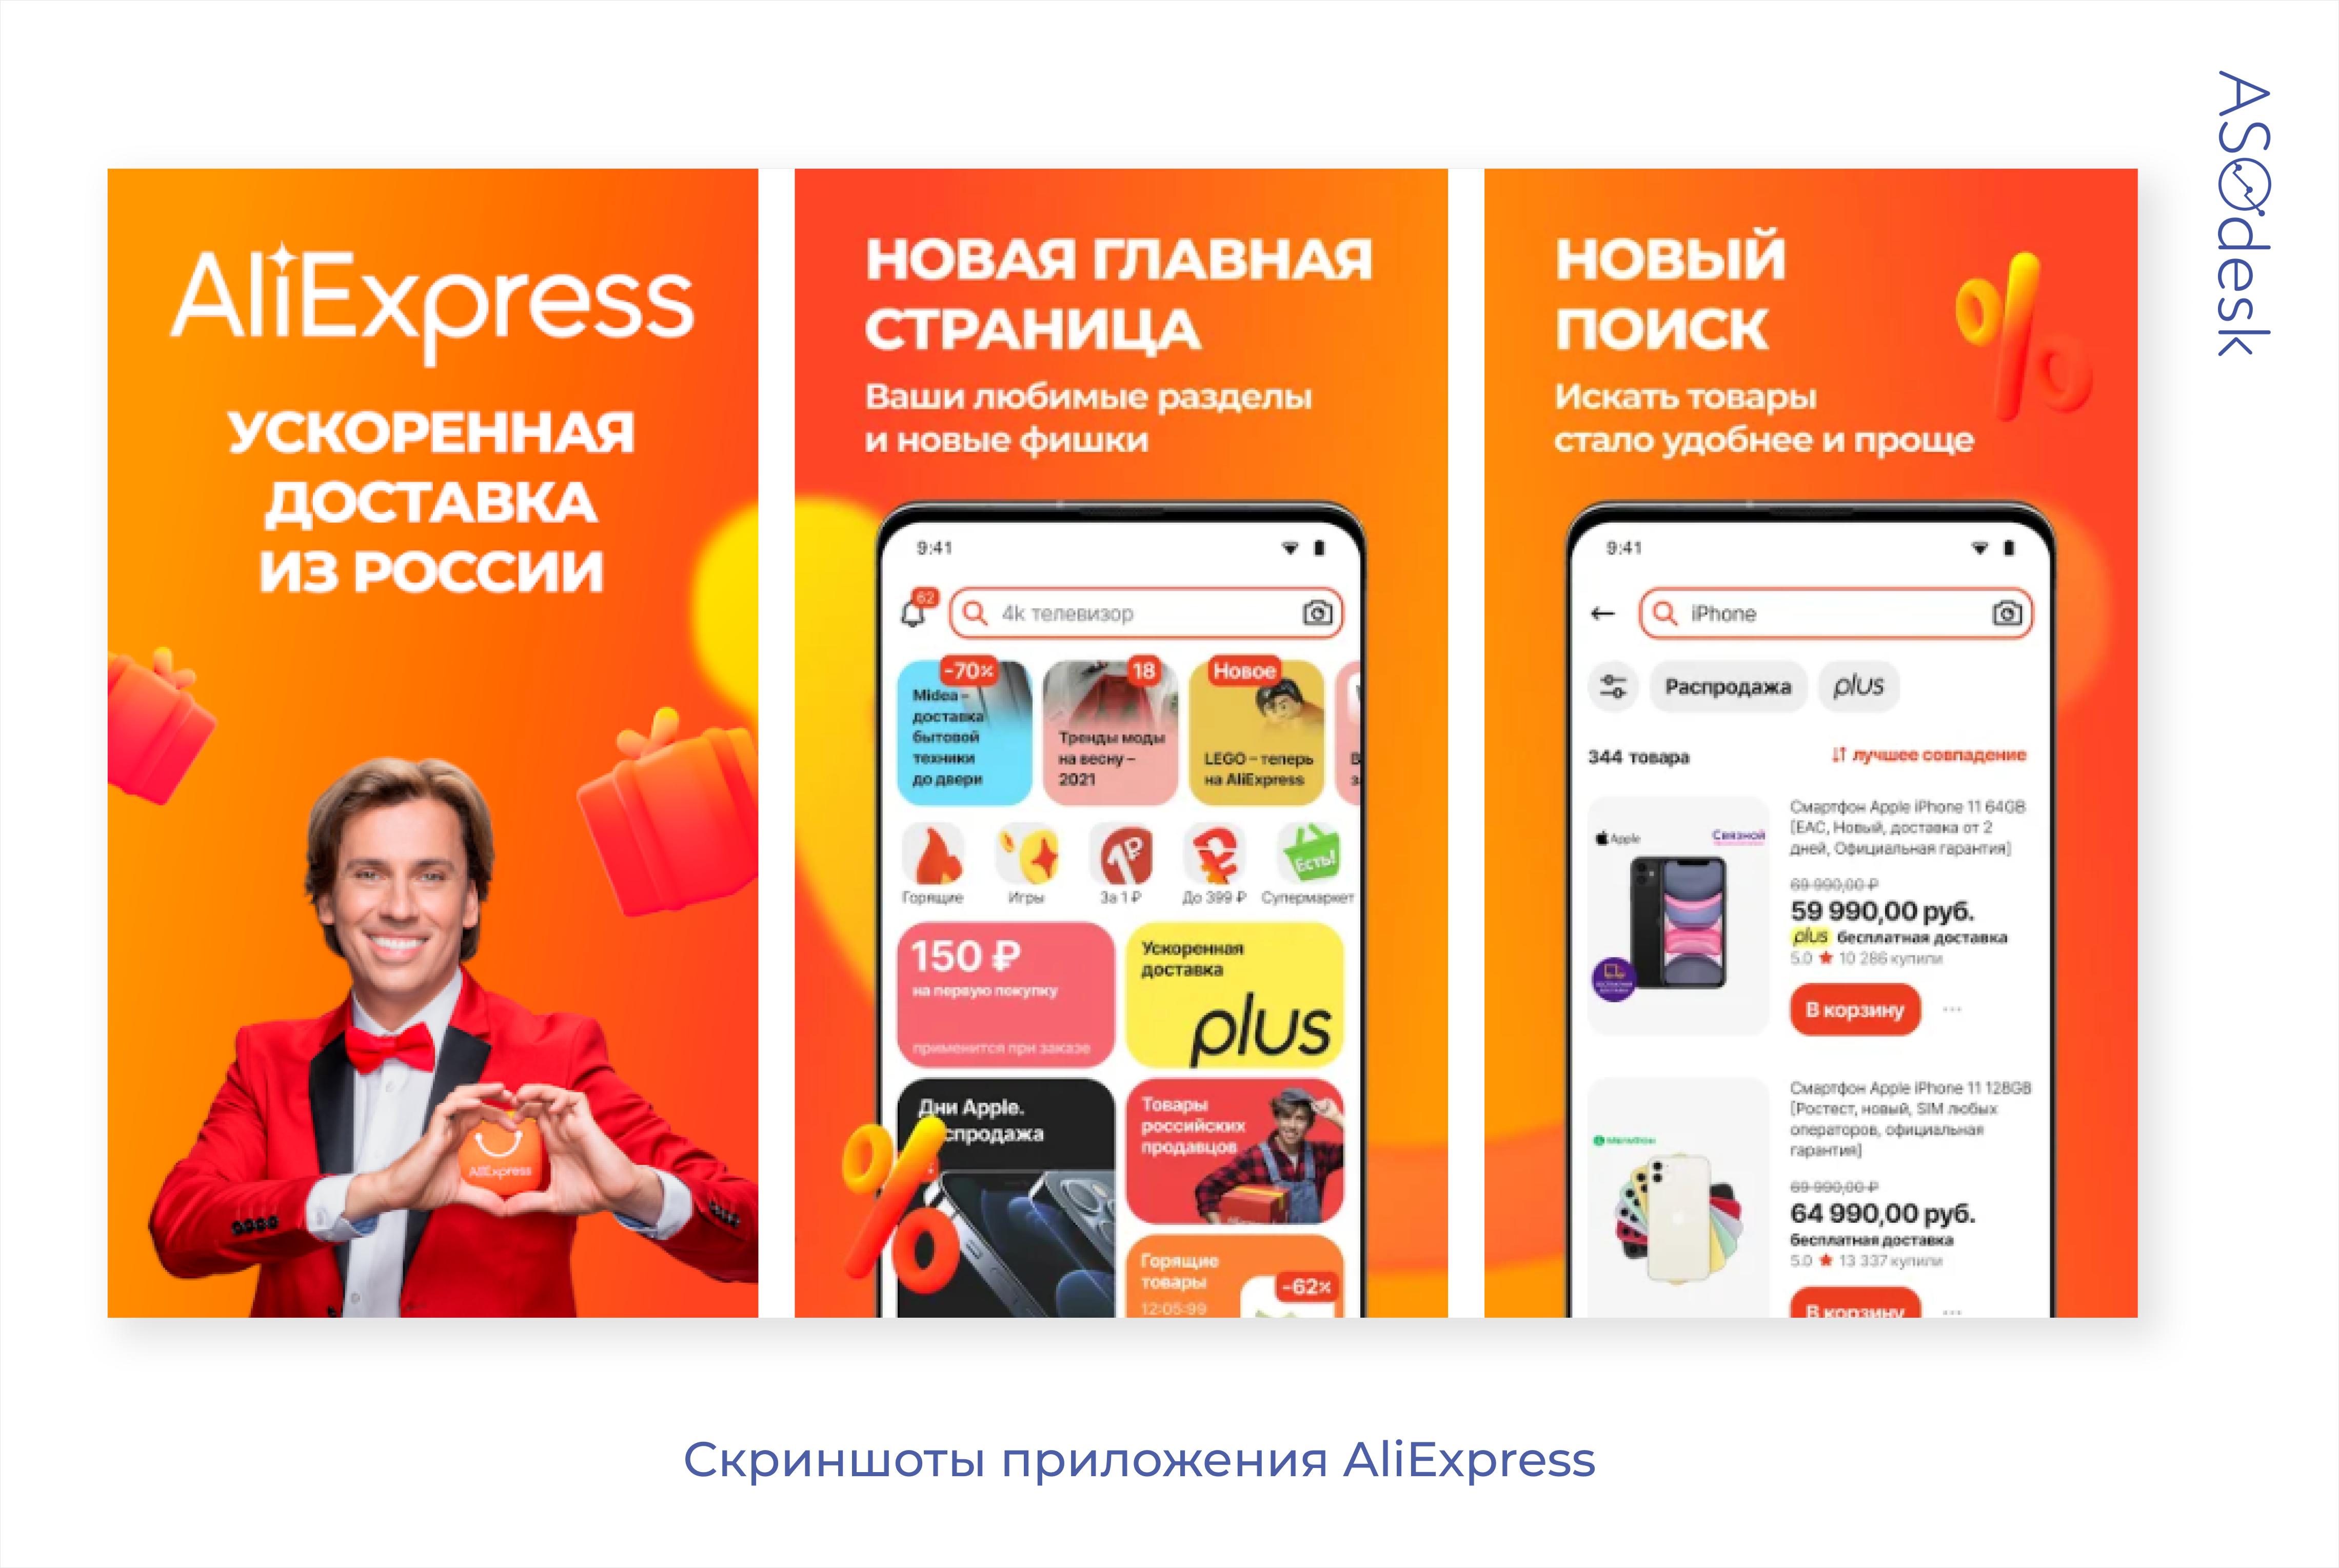 AliExpress рассказывает об обновлении приложения на своих скриншотах